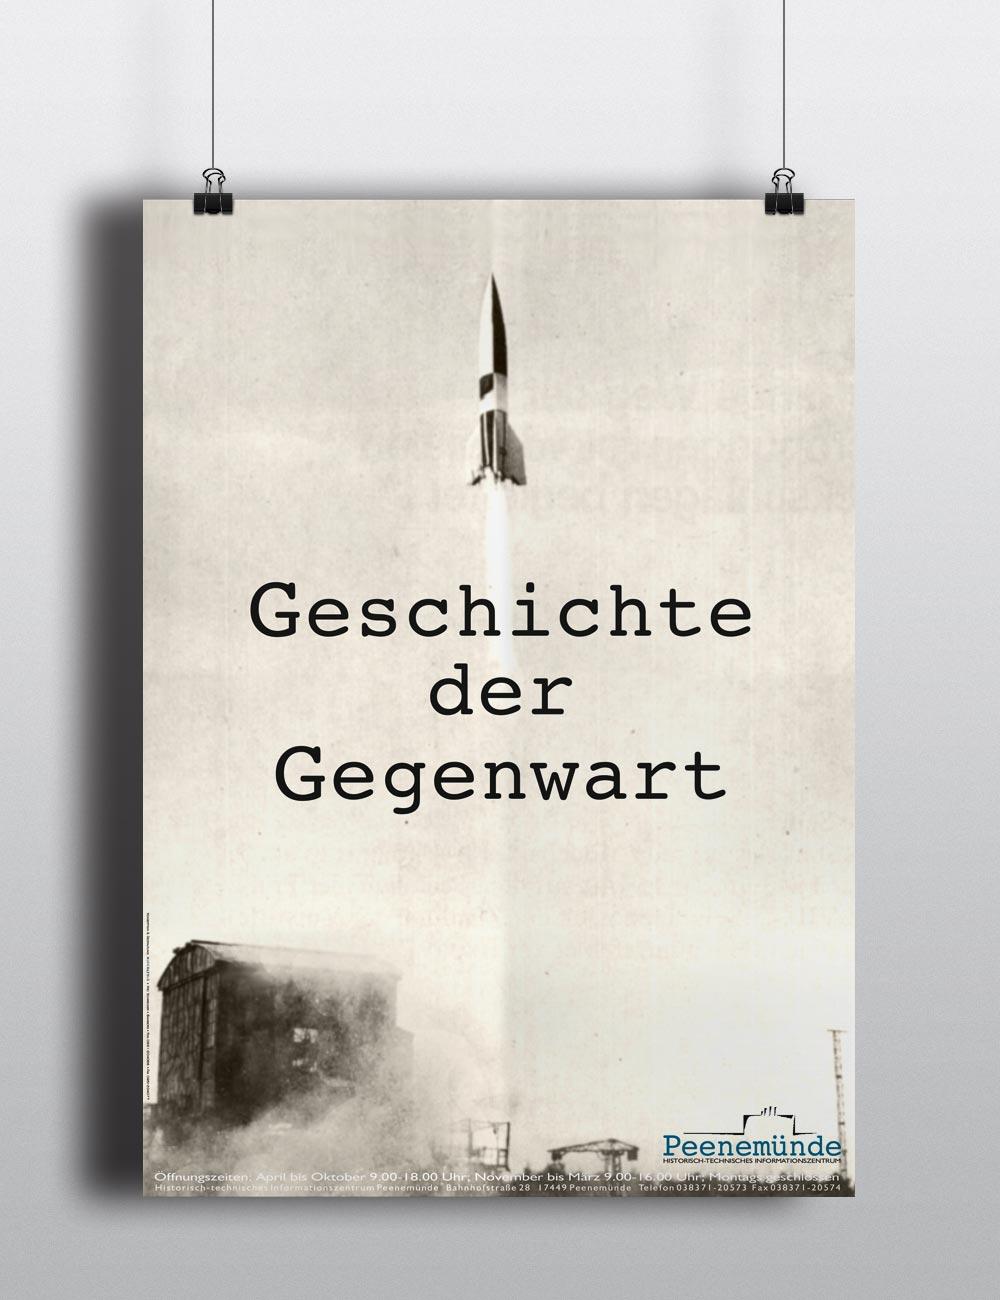 Plakatserie | Historisch-Technisches Museum Peenemünde